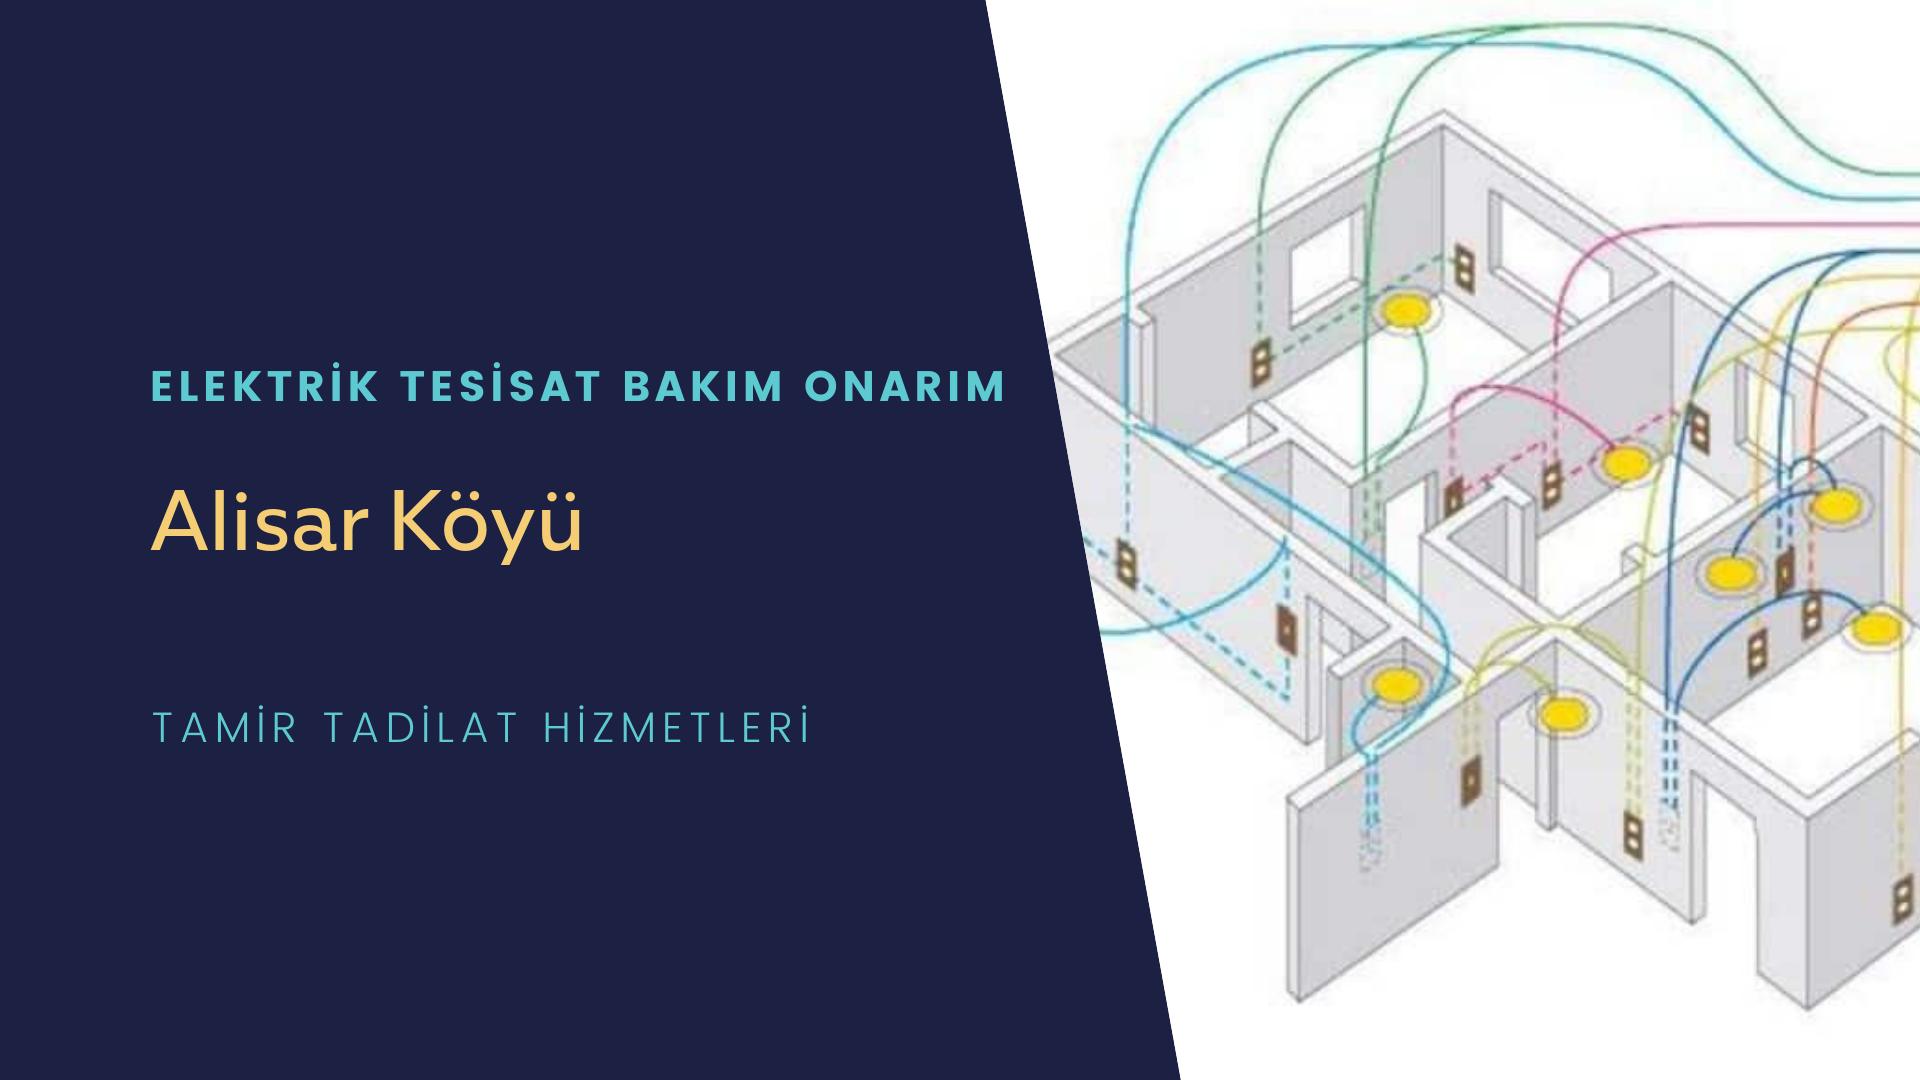 Alişar Köyü  elektrik tesisatıustalarımı arıyorsunuz doğru adrestenizi Alişar Köyü elektrik tesisatı ustalarımız 7/24 sizlere hizmet vermekten mutluluk duyar.